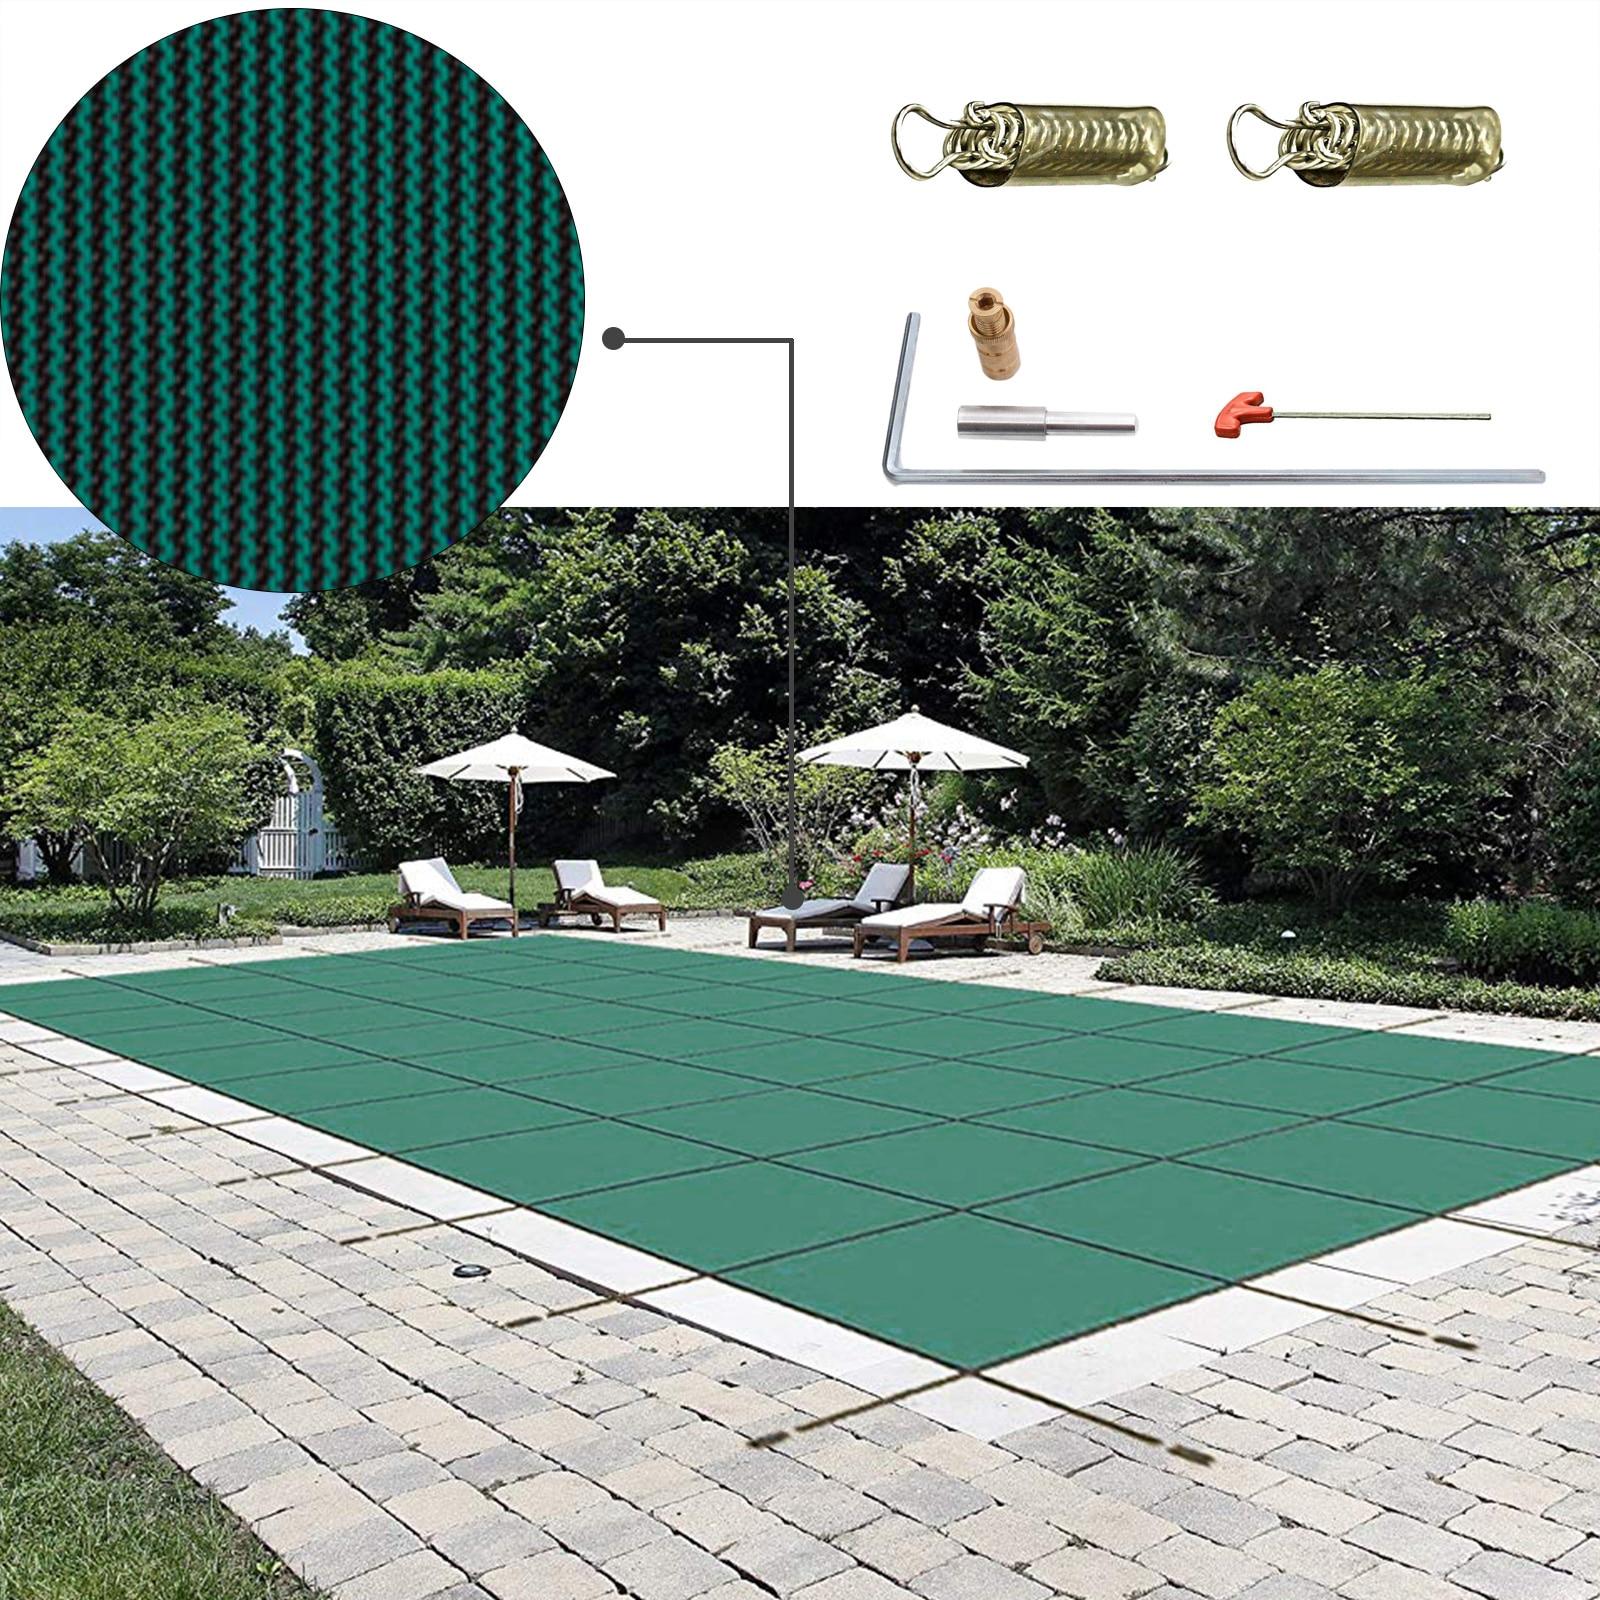 VEVOR غطاء حماية بركة مستطيل inland غطاء حمام سباحة الأخضر شبكة الصلبة غطاء حماية بركة للشتاء سلامة غطاء حوض السباحة غطاء حمام سباحة